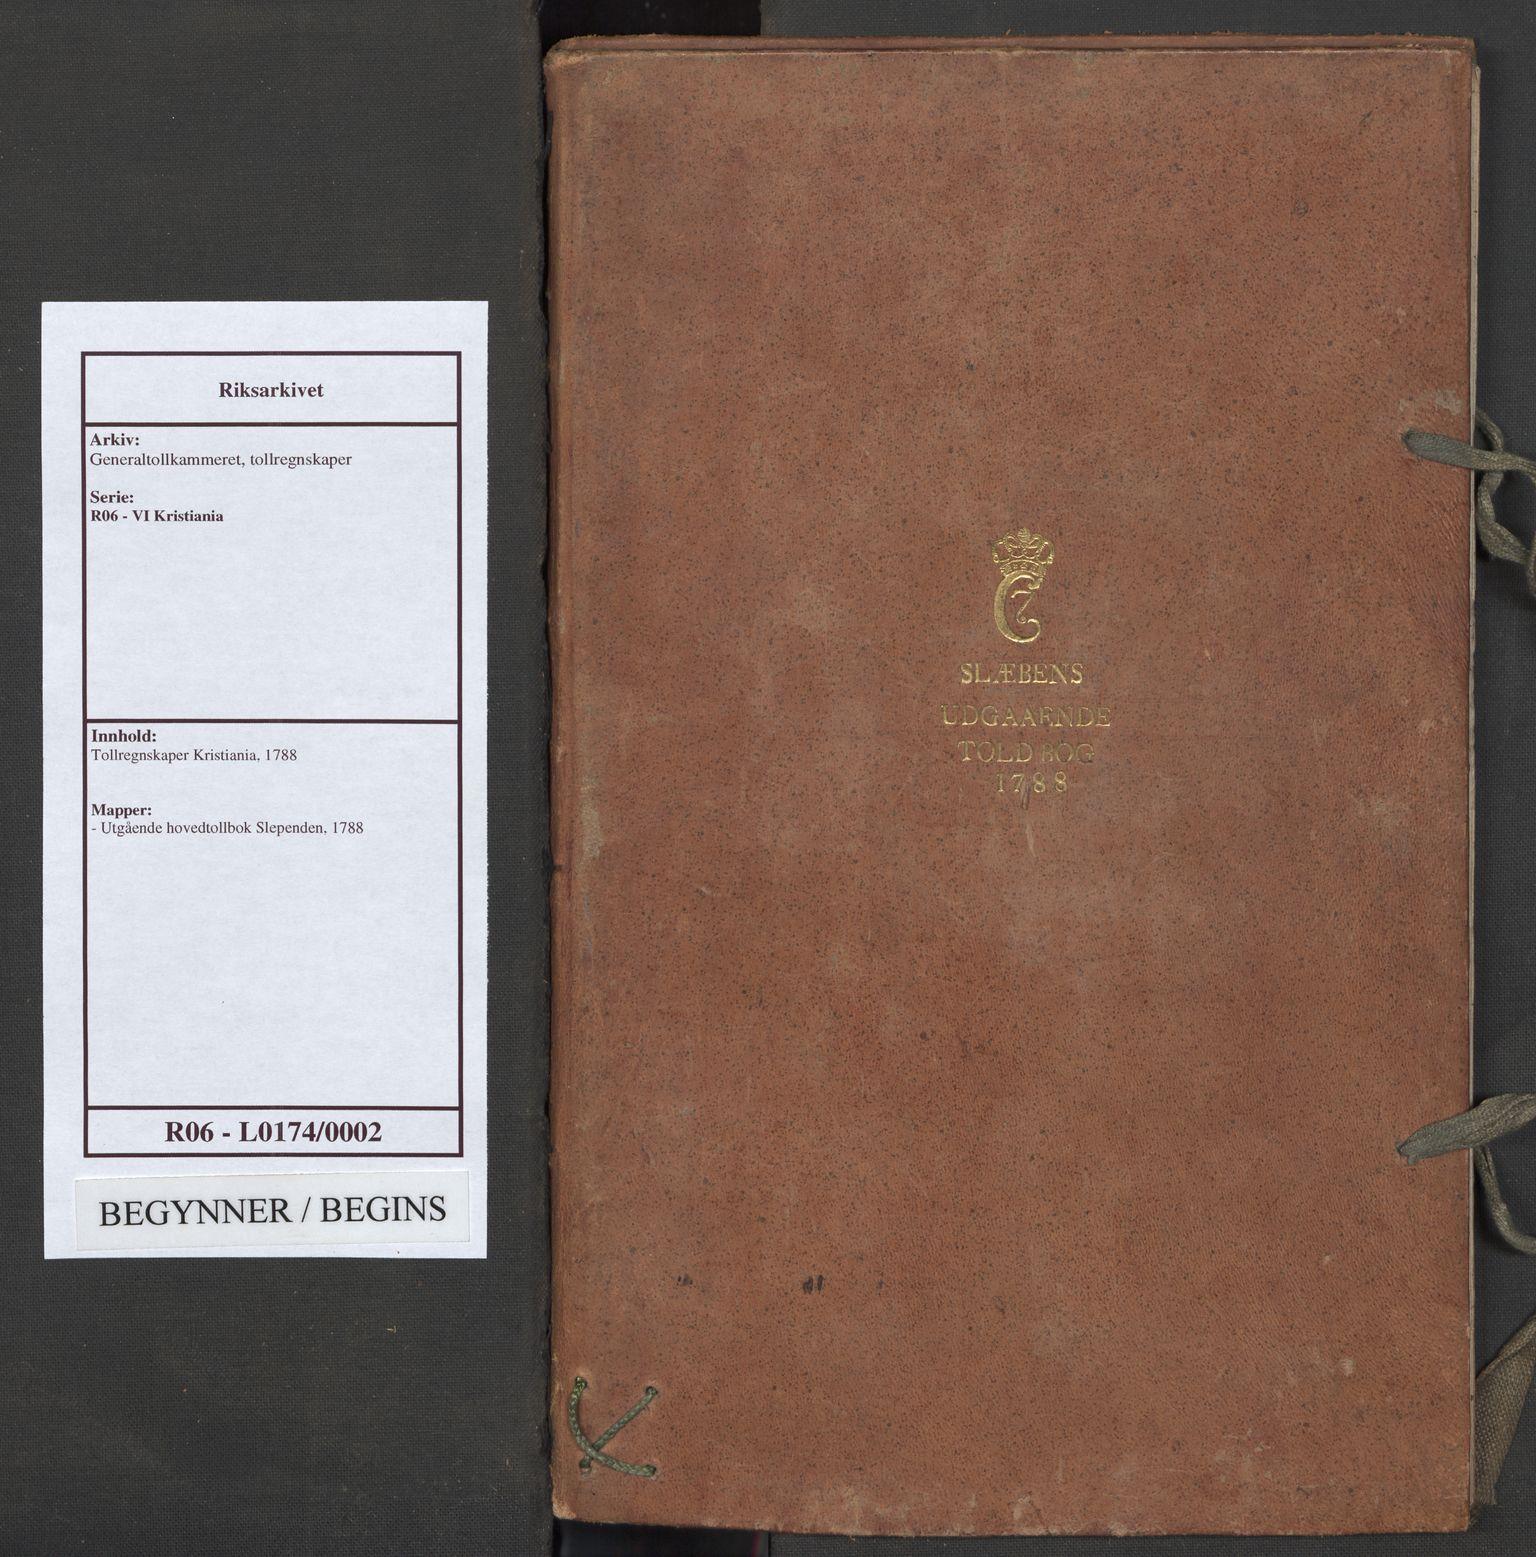 RA, Generaltollkammeret, tollregnskaper, R06/L0174: Tollregnskaper Kristiania, 1788